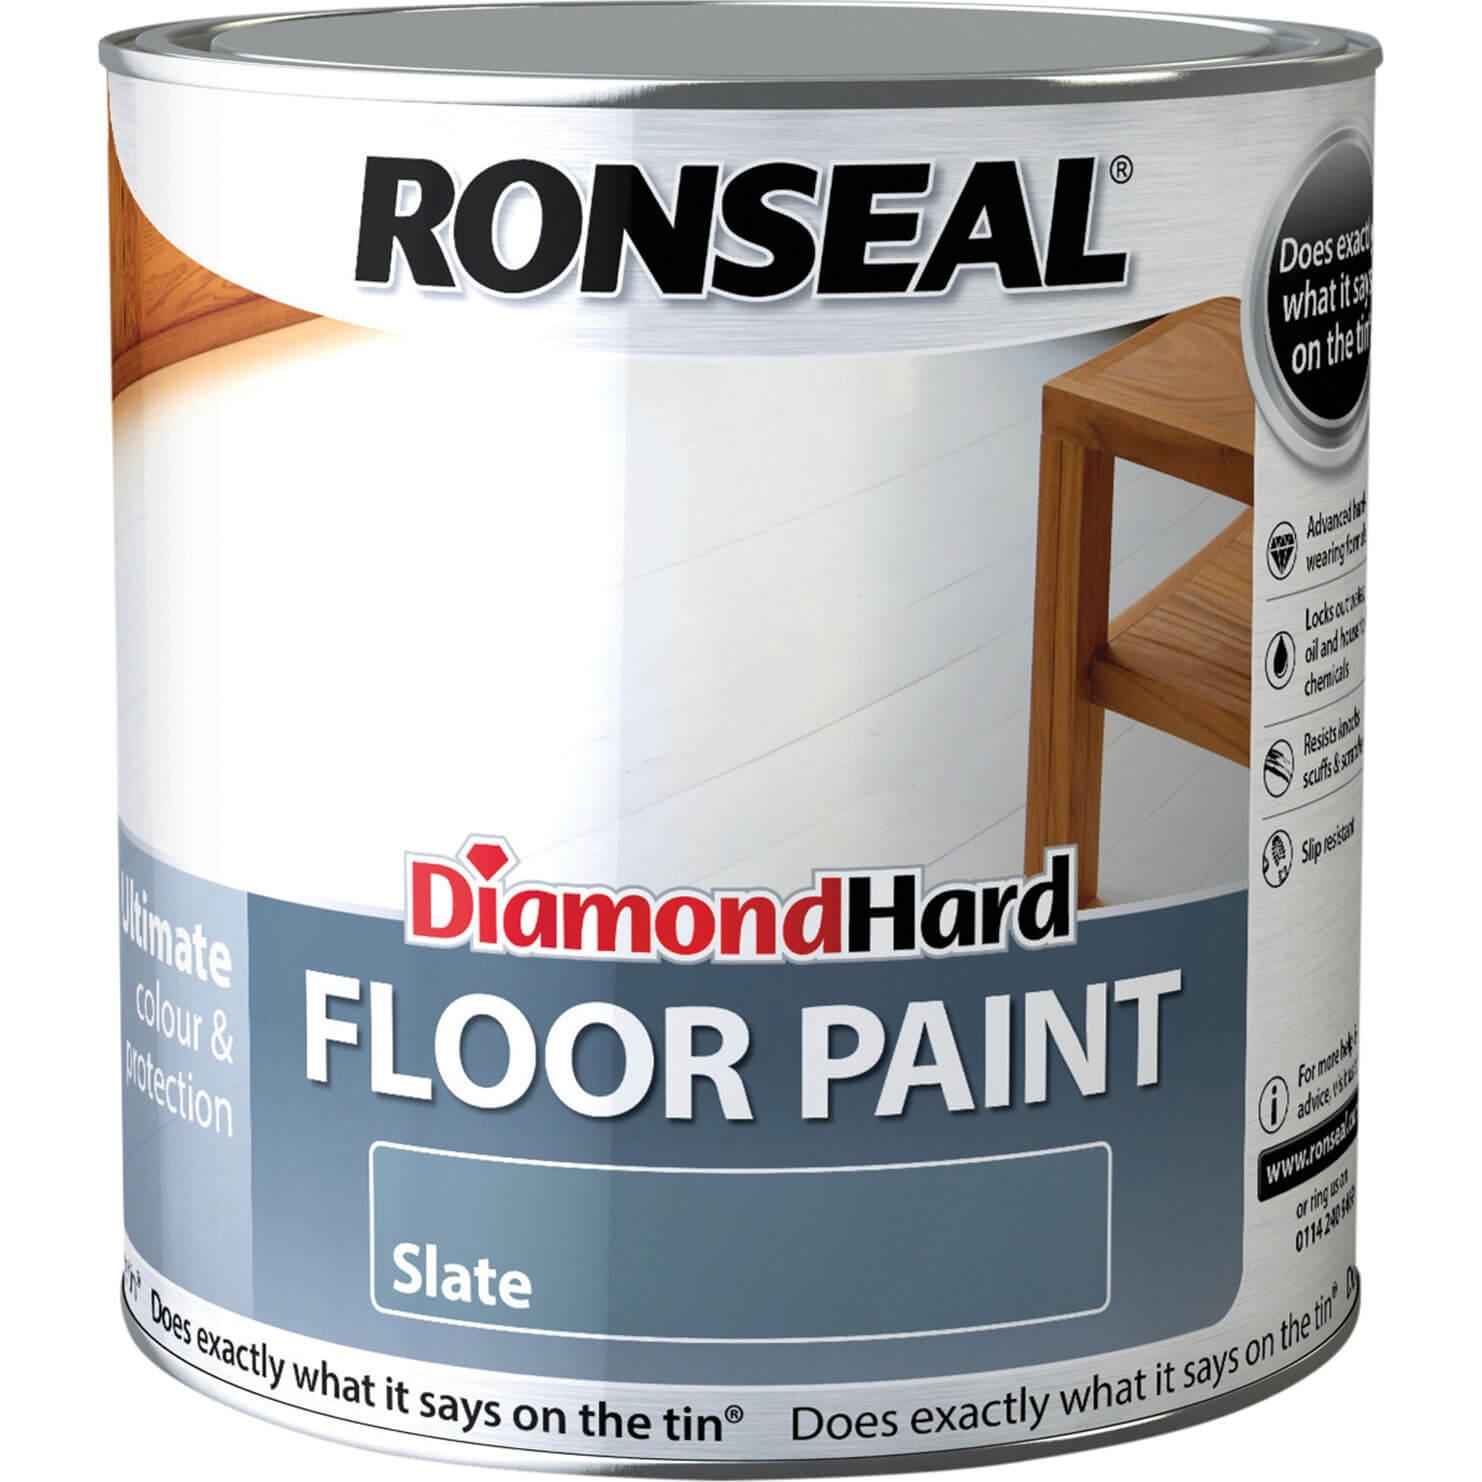 Image of Ronseal Diamond Hard Floor Paint Slate 2.5l